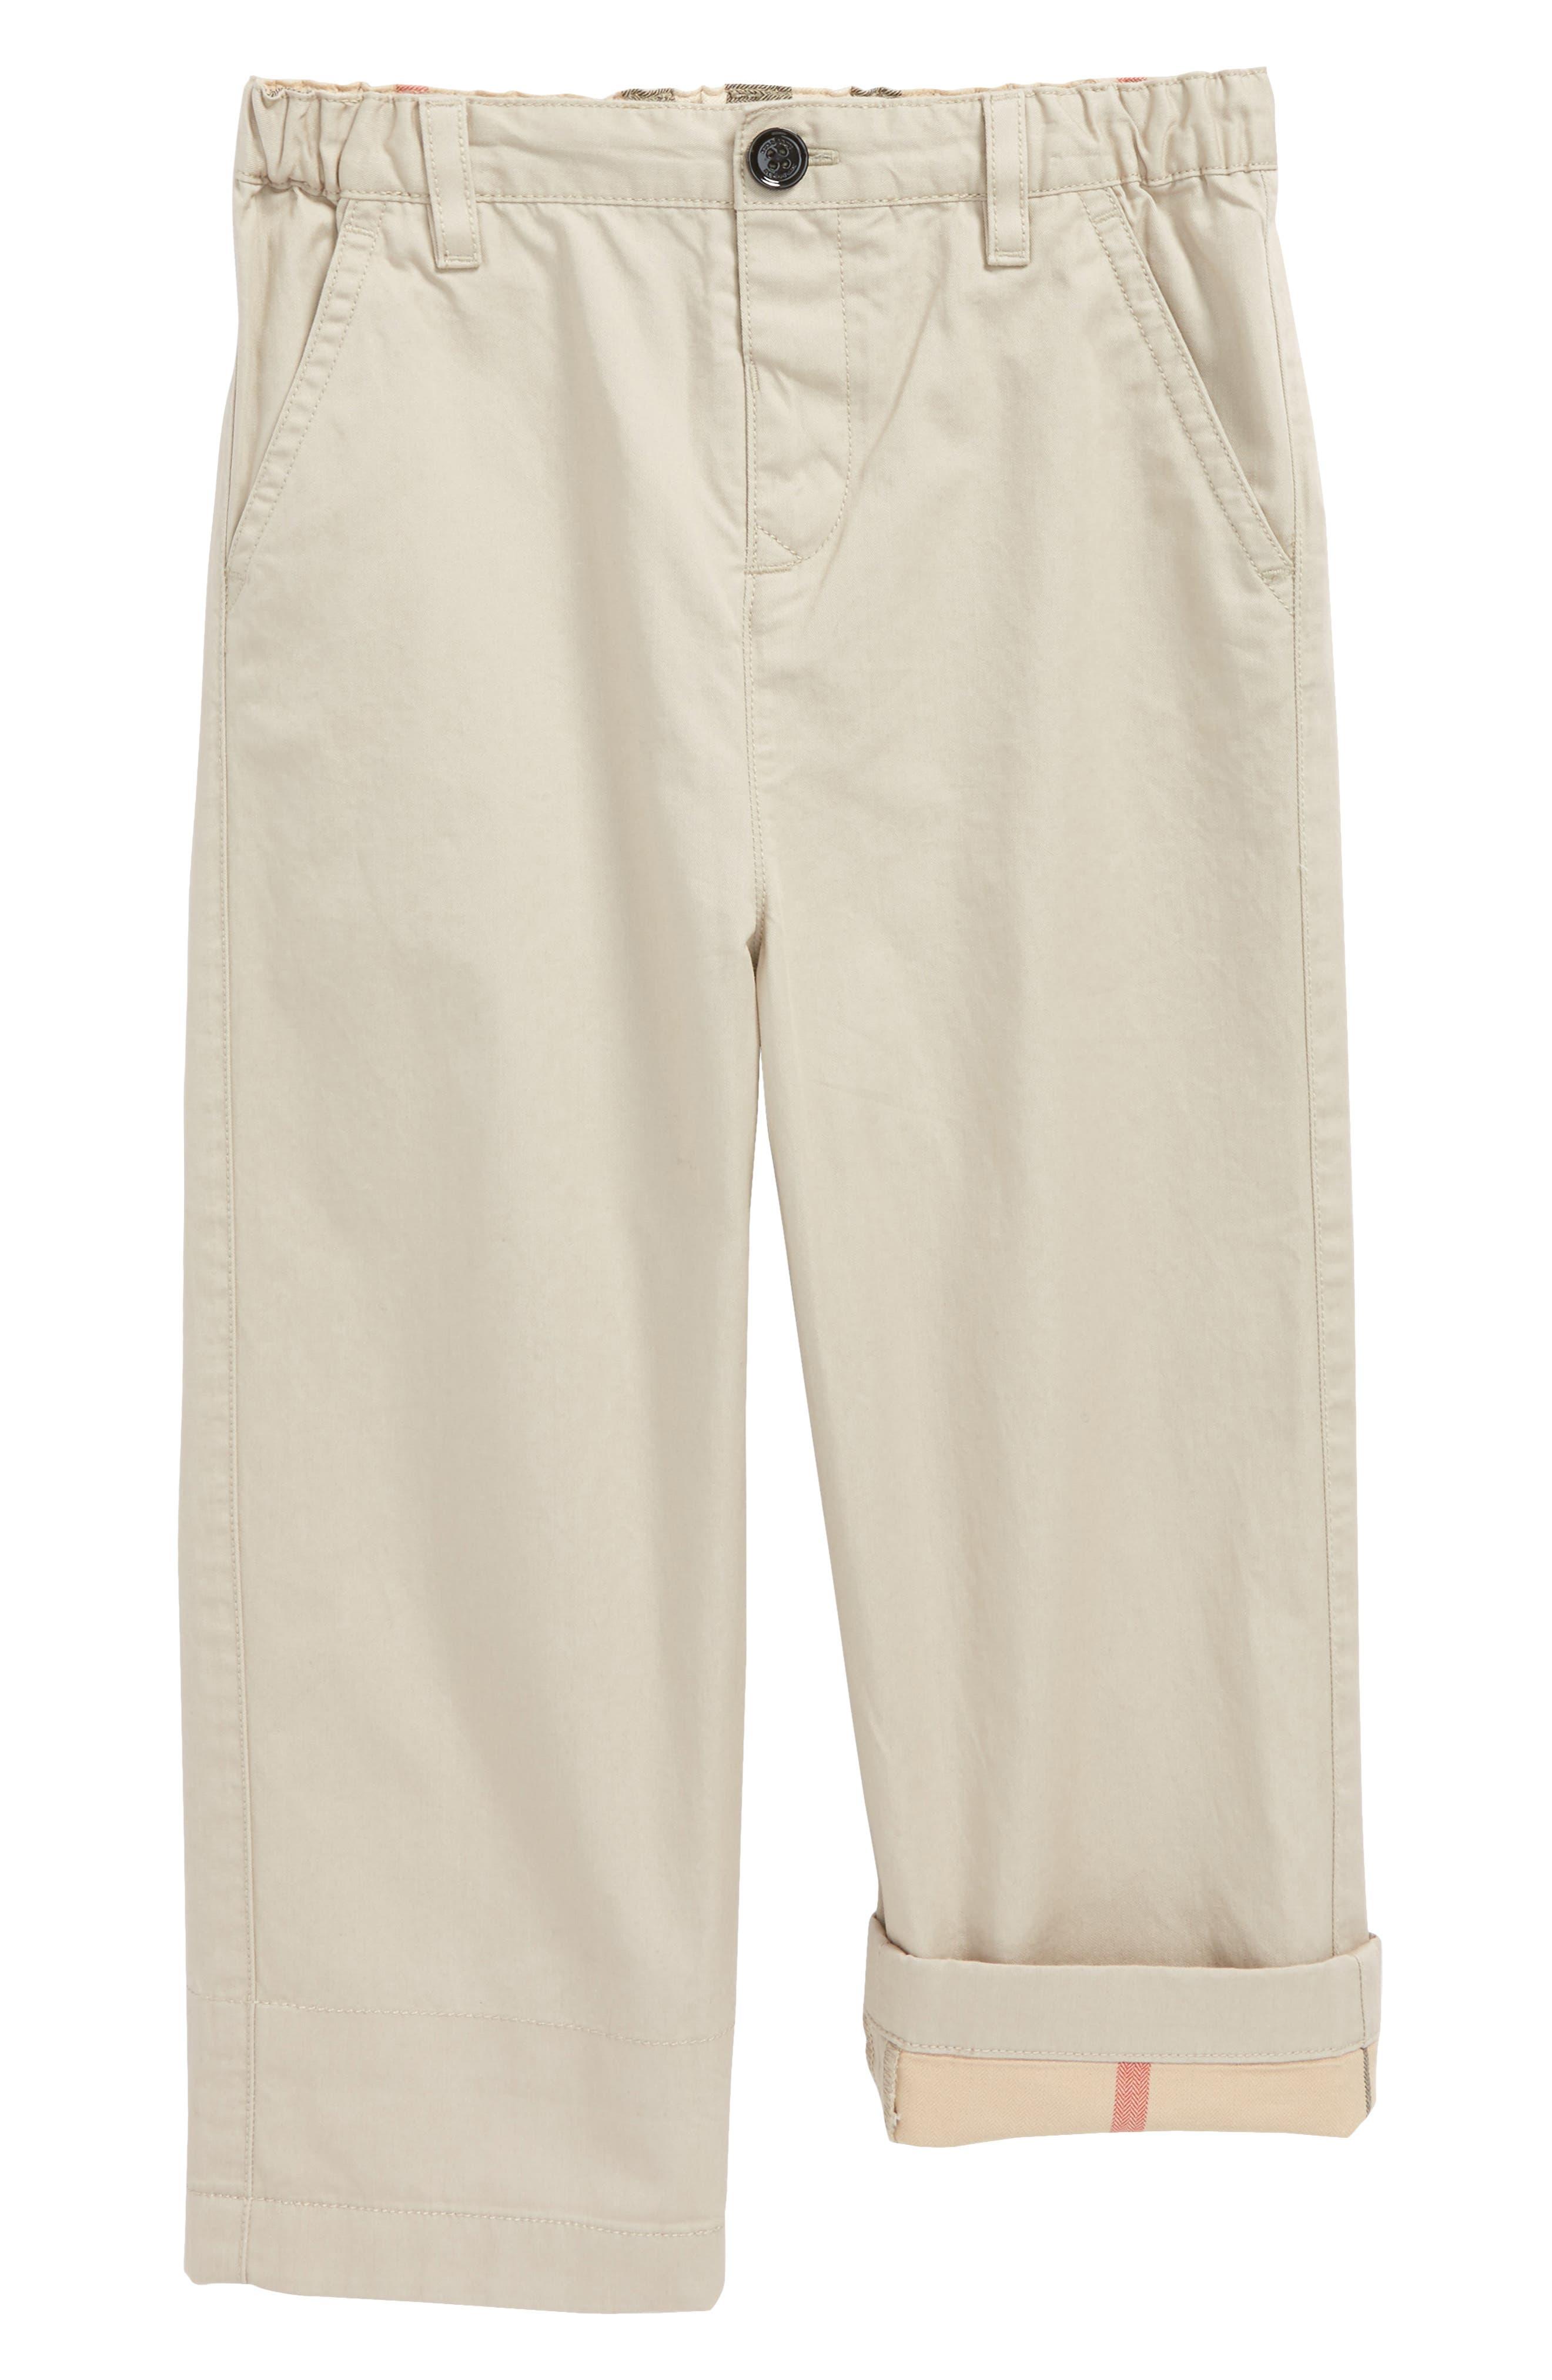 Ricky Check Lined Pants,                             Main thumbnail 1, color,                             GREY STONE